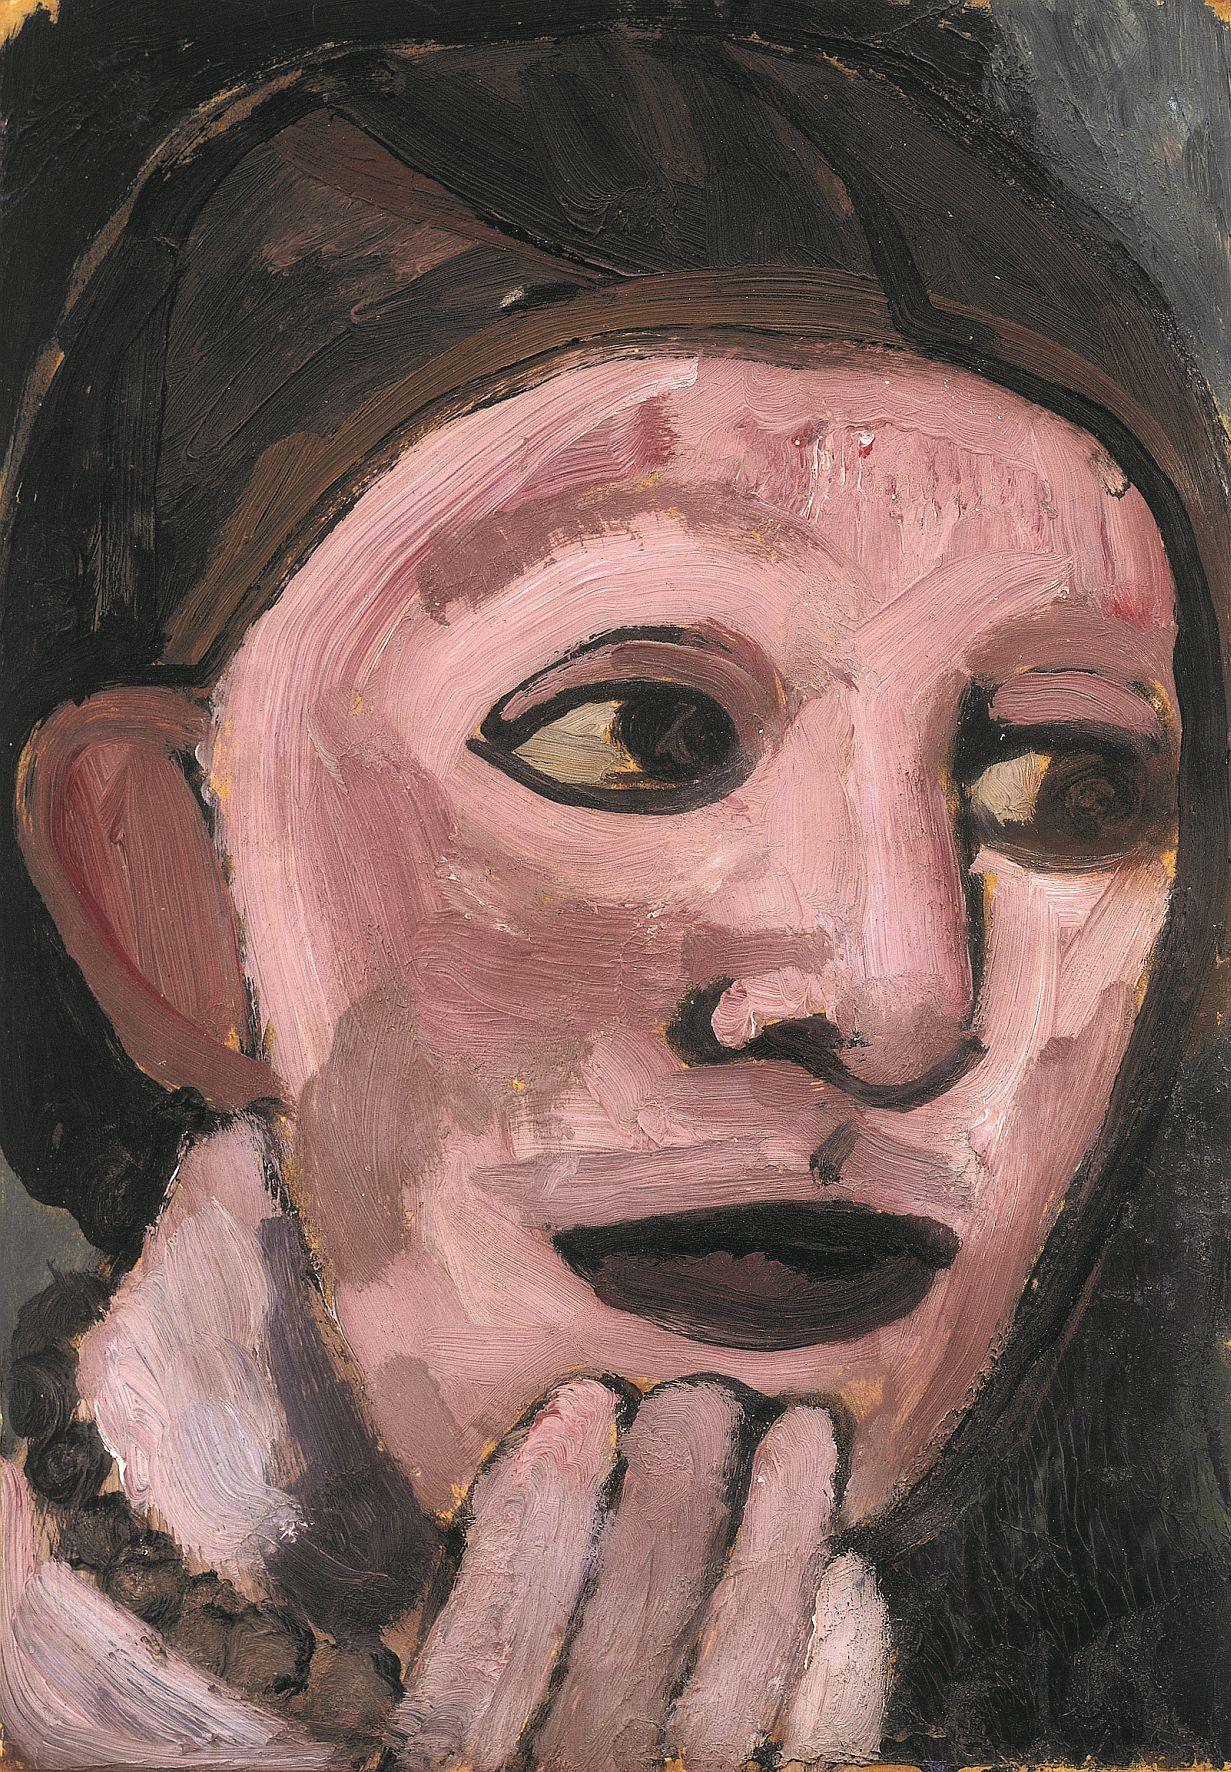 Paula Modersohn-Becker, Selbstbildnis nach halbrechts, die Hand am Kinn, Sommer 1906, Öltempera auf Papier auf Pappe, 27 x 18,7 cm, Privatbesitz Dortmund